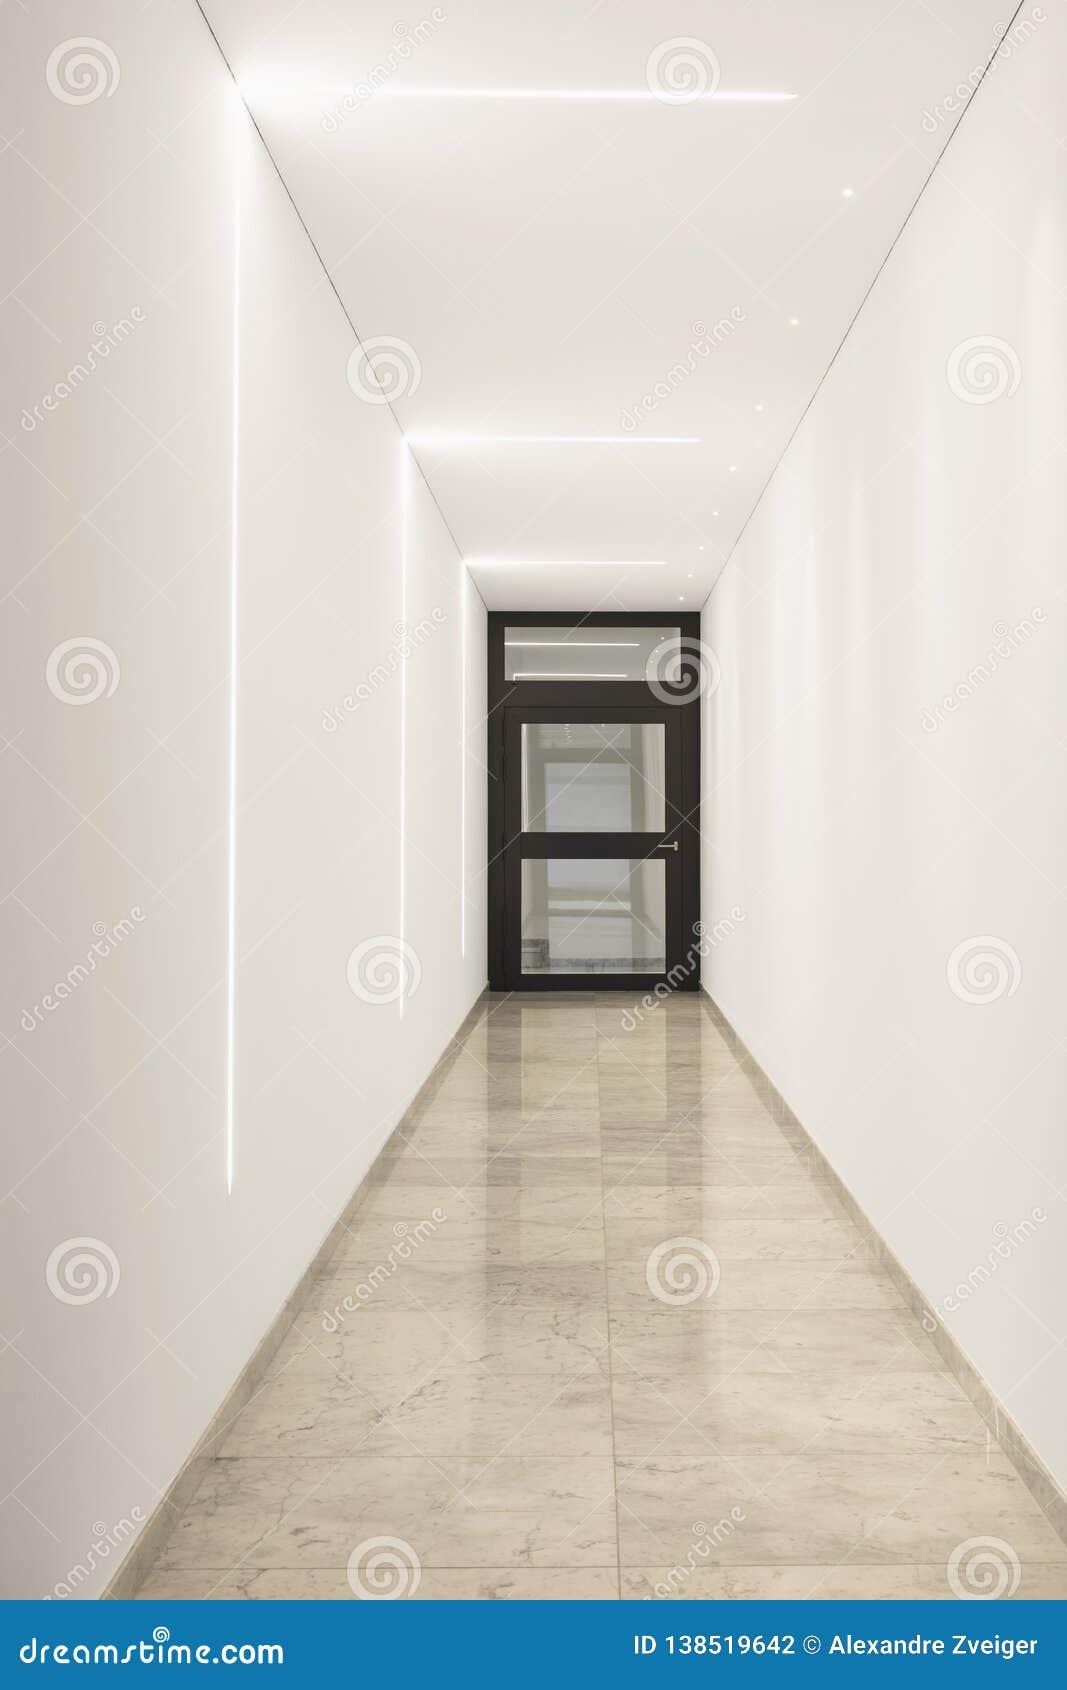 Modern marble corridor of luxury condominium